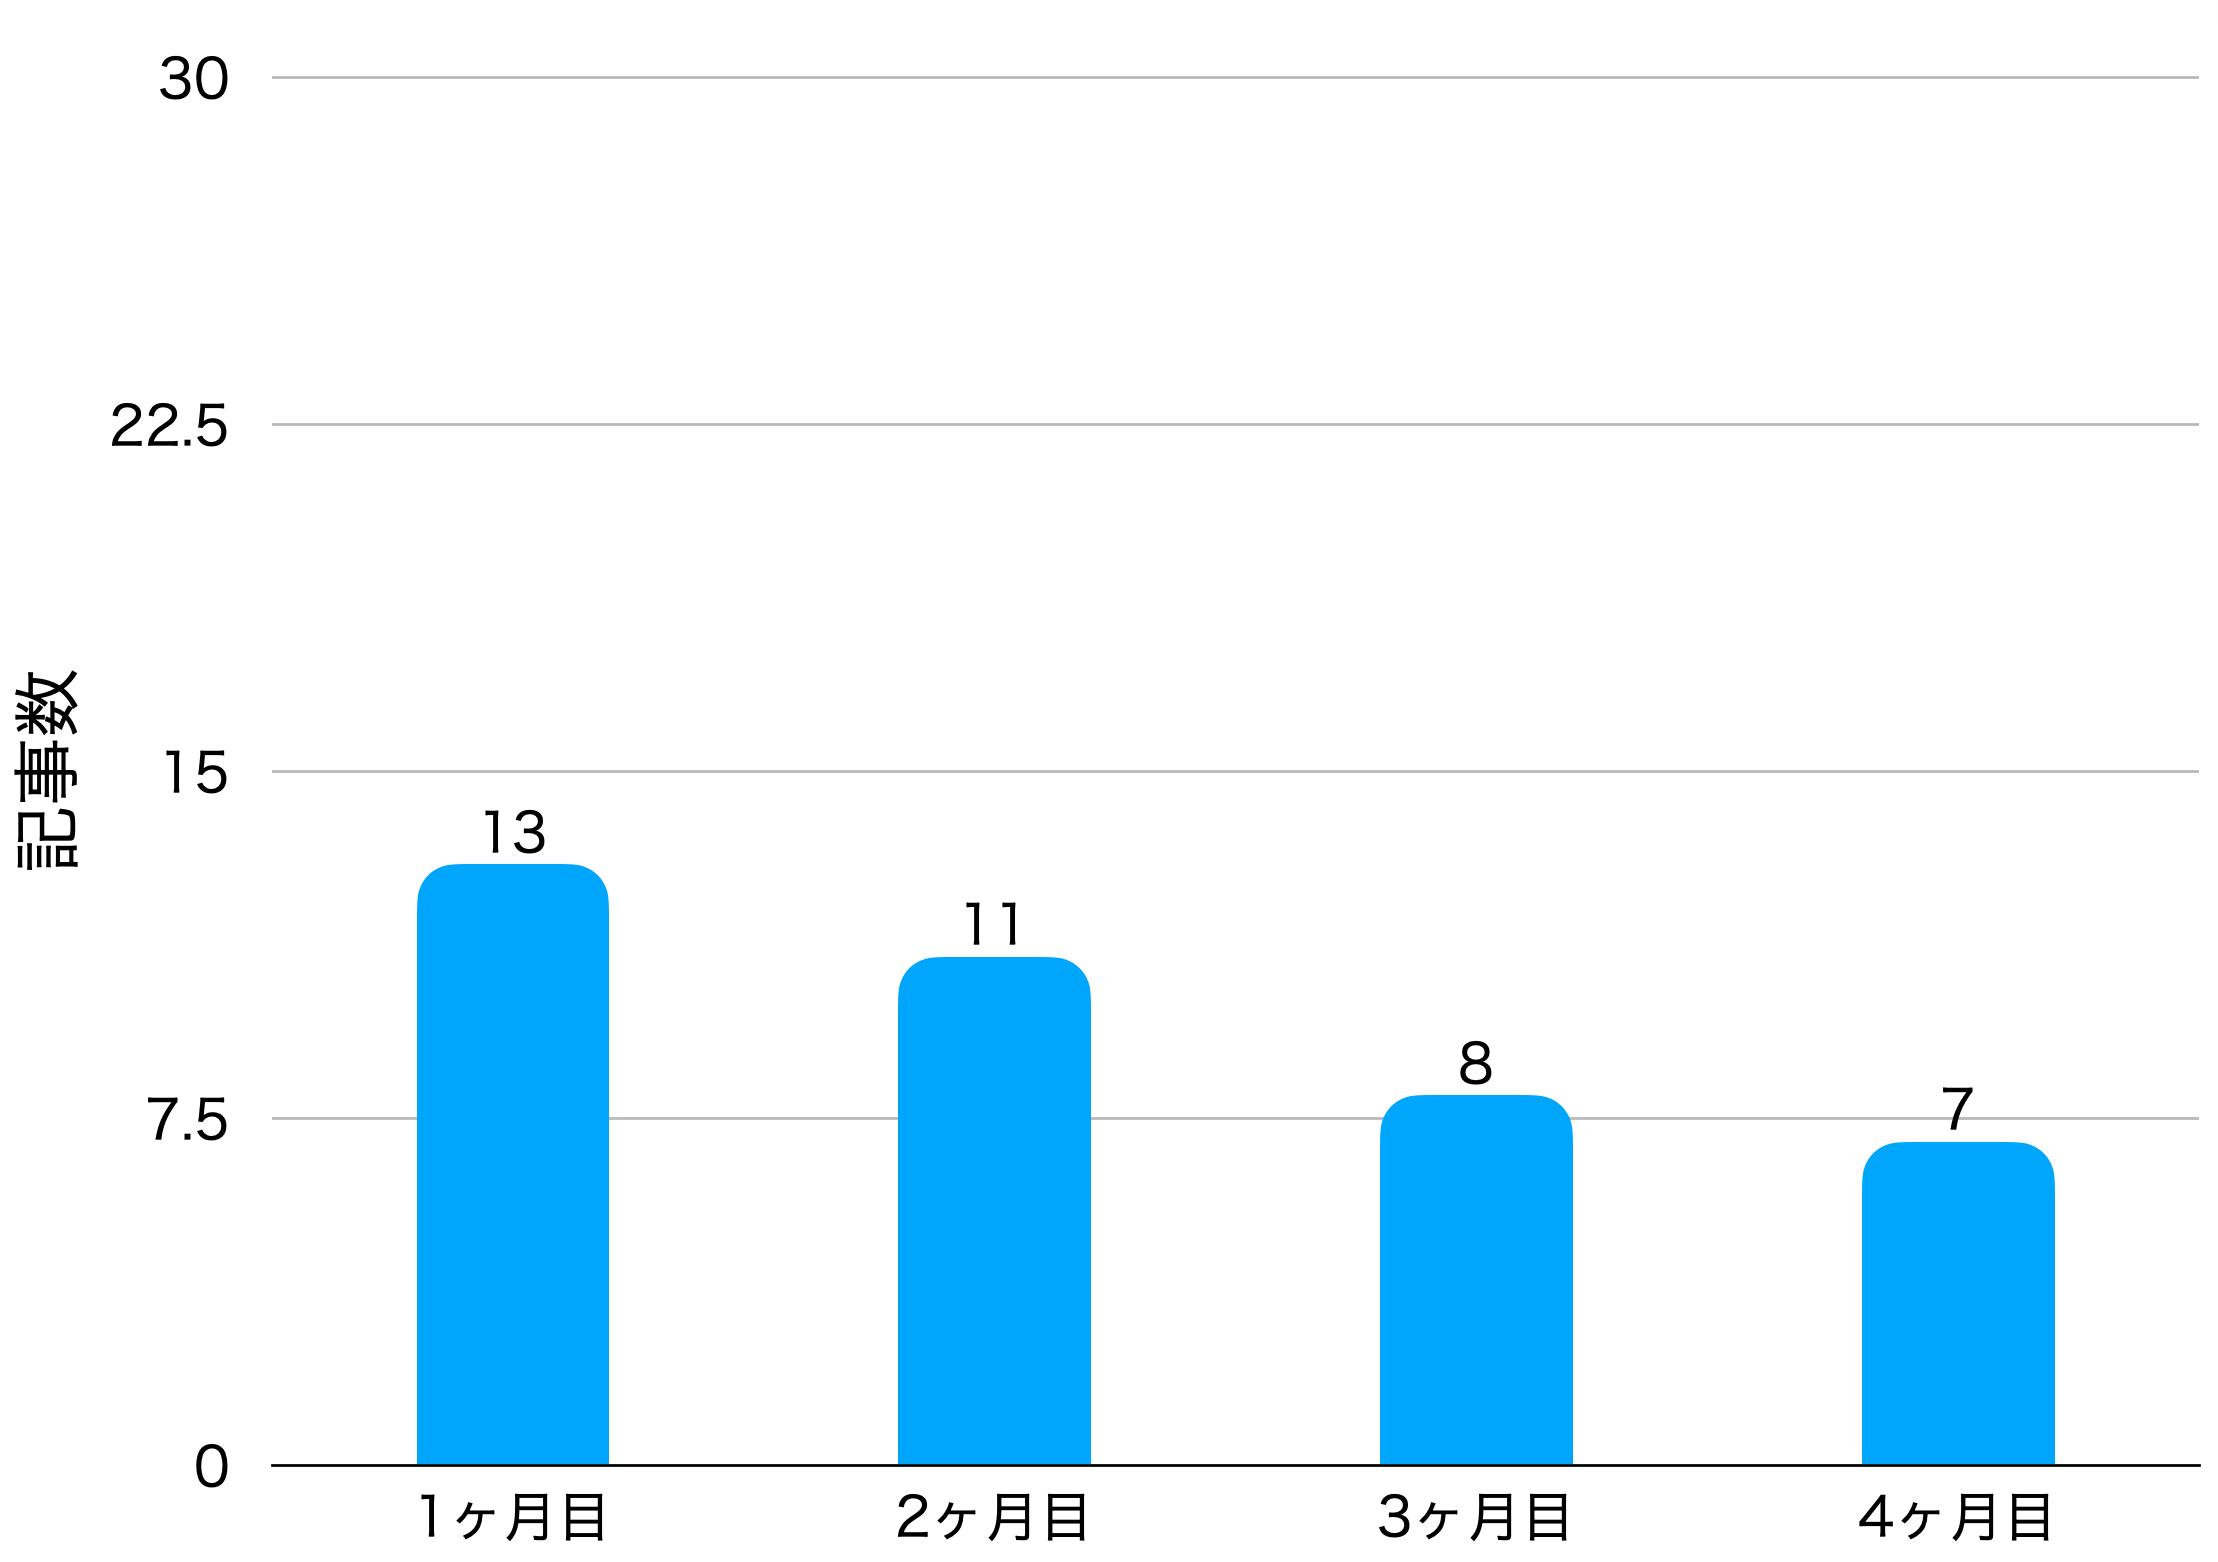 4ヶ月目の記事数の画像